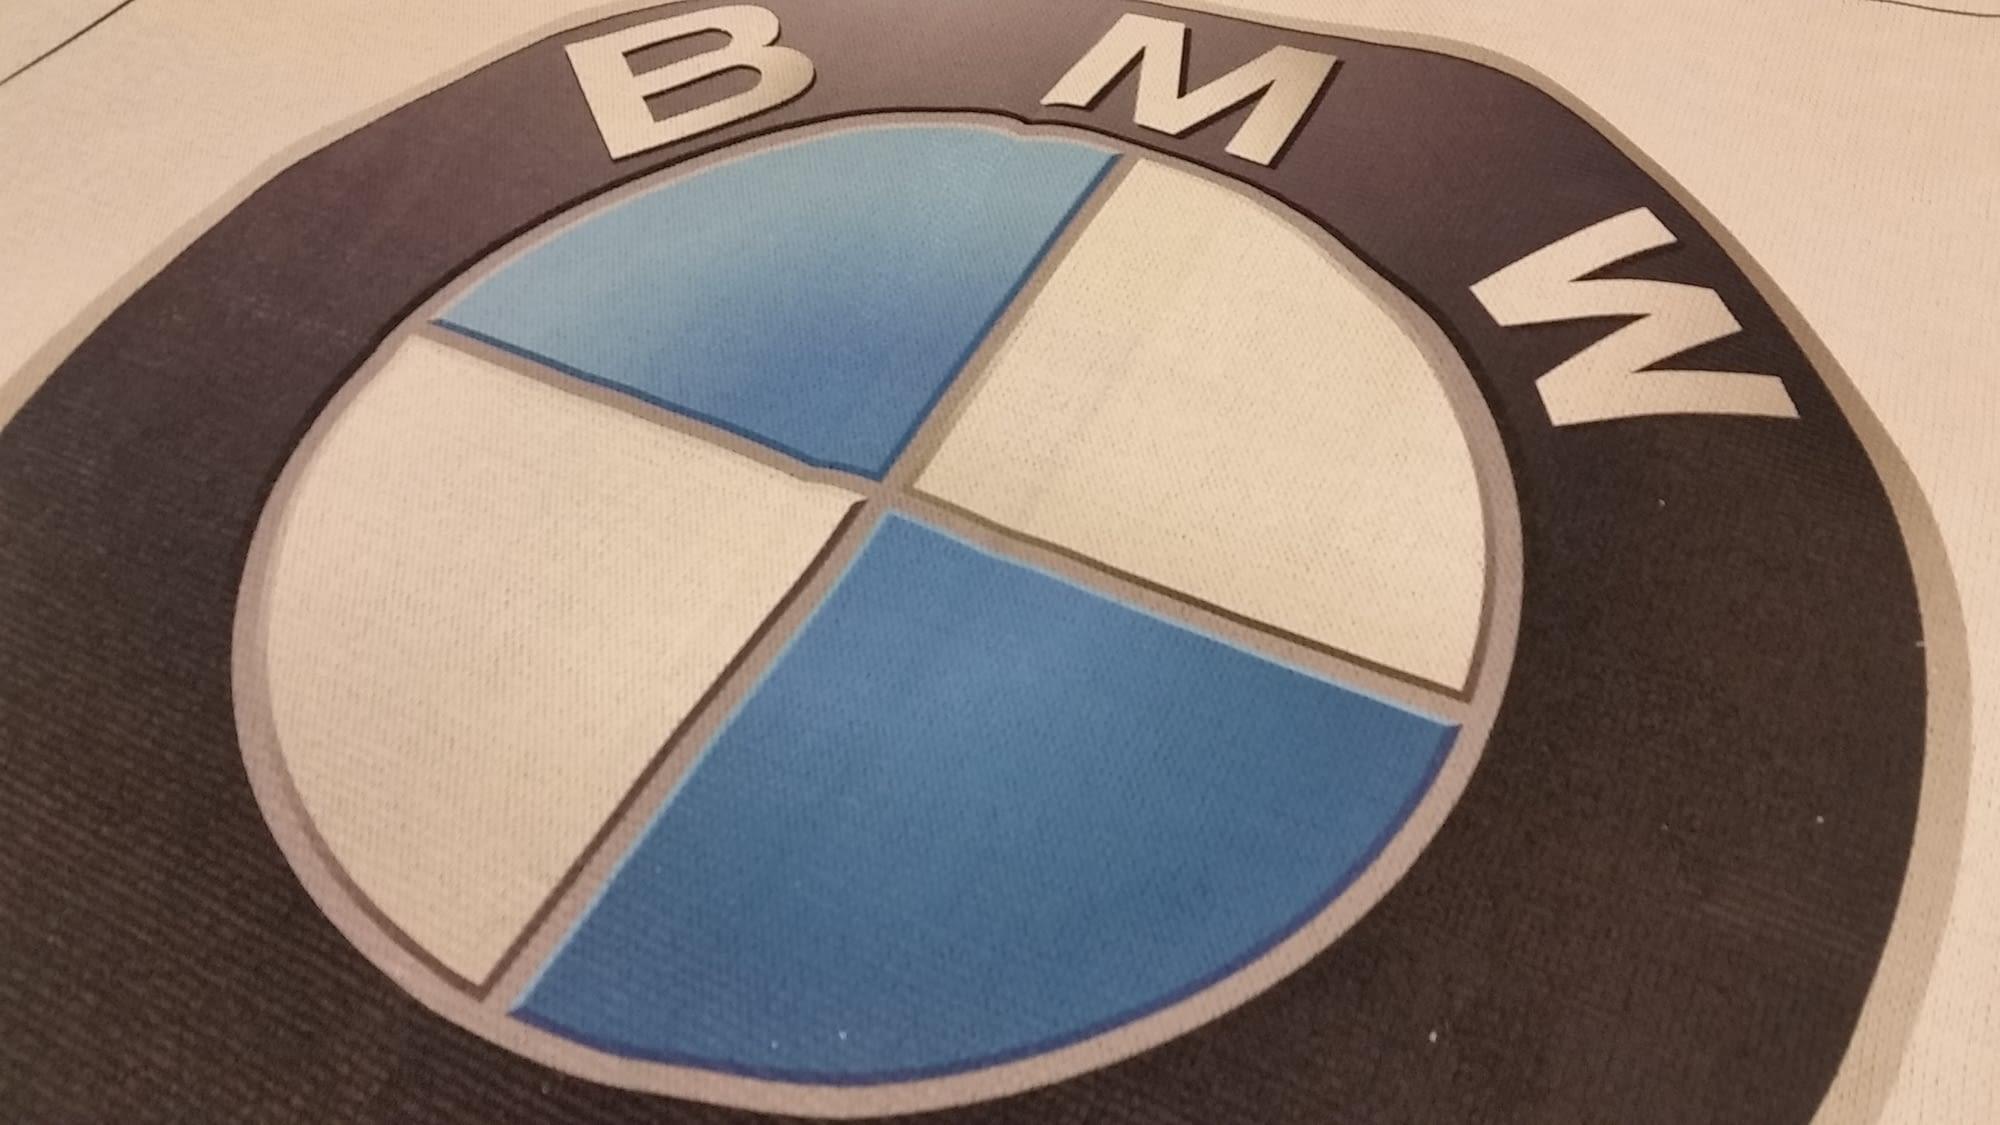 ENVIRO PRINT DETAIL BMW